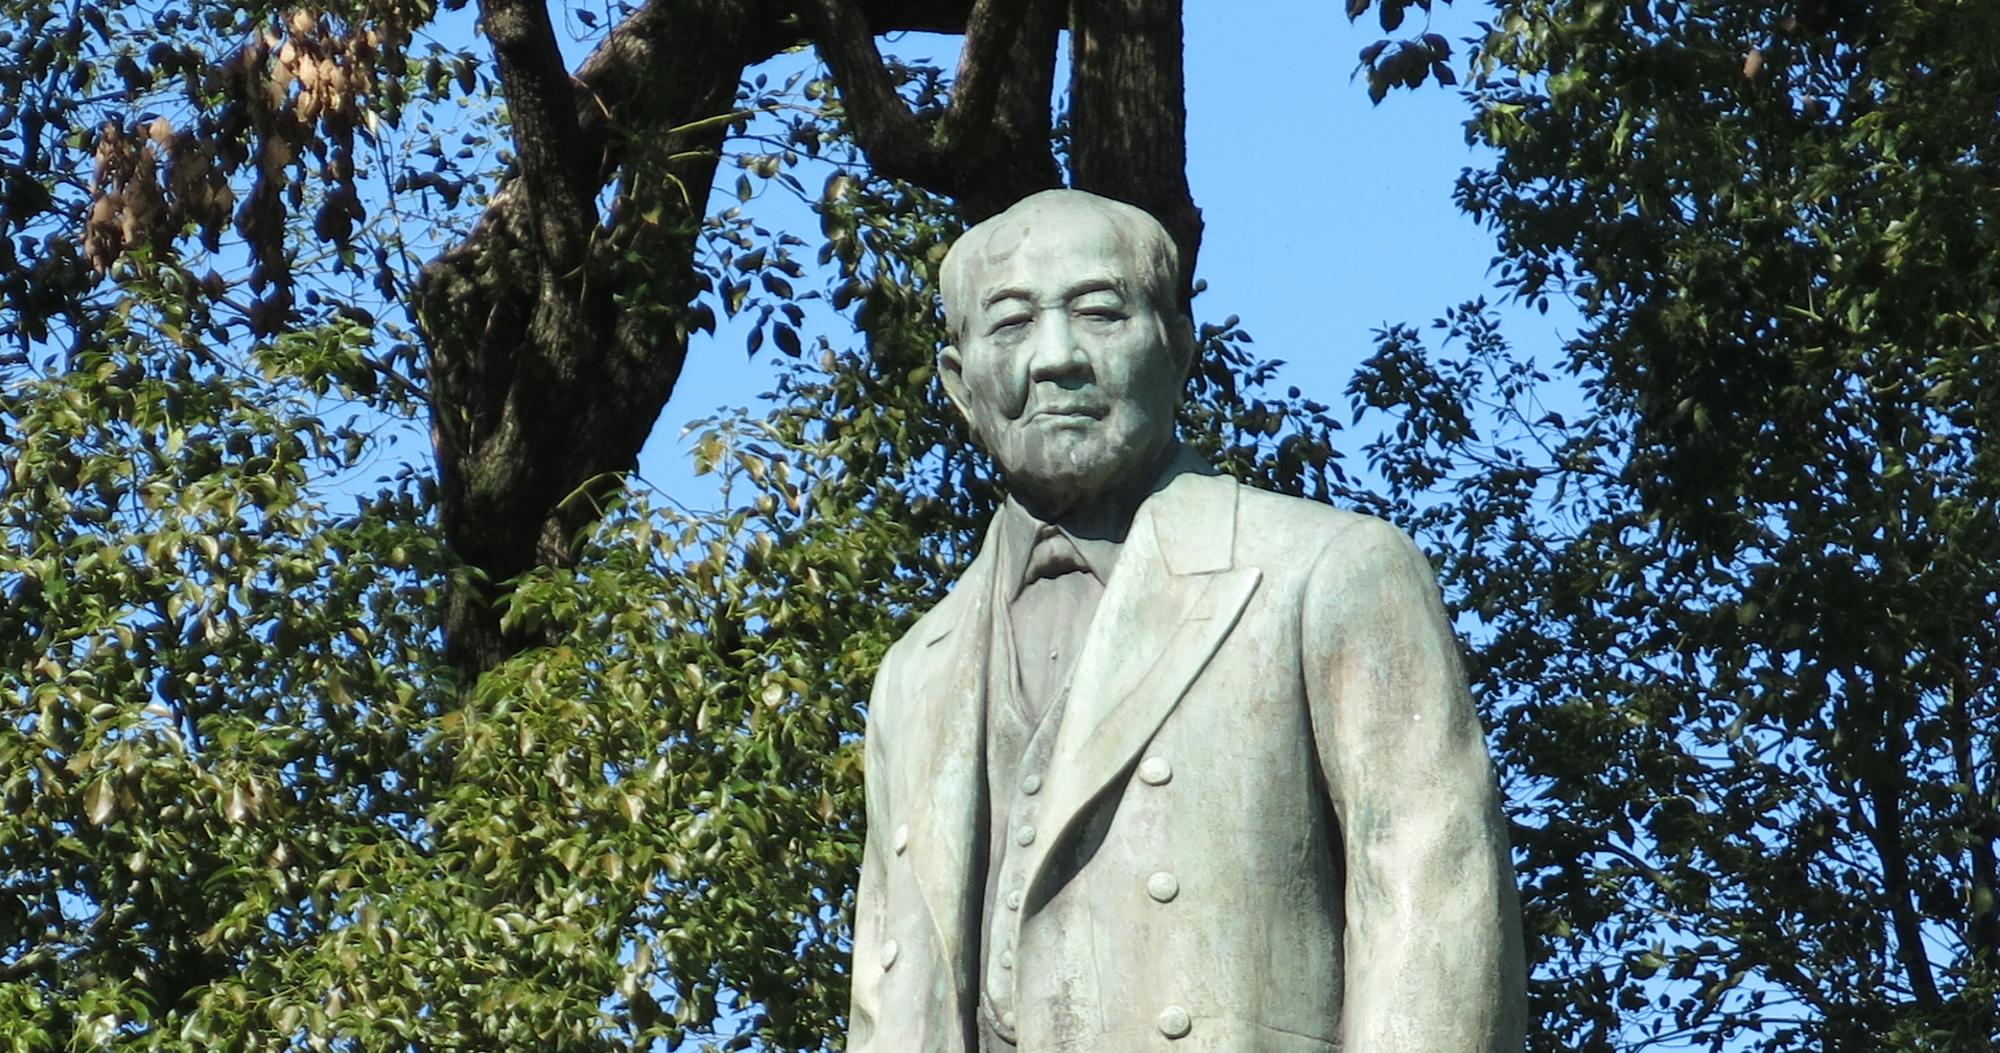 【目標計画】渋沢栄一から学ぶ「道徳と経済」 変化の激しい現代にも役立つビジネスマインドとは?